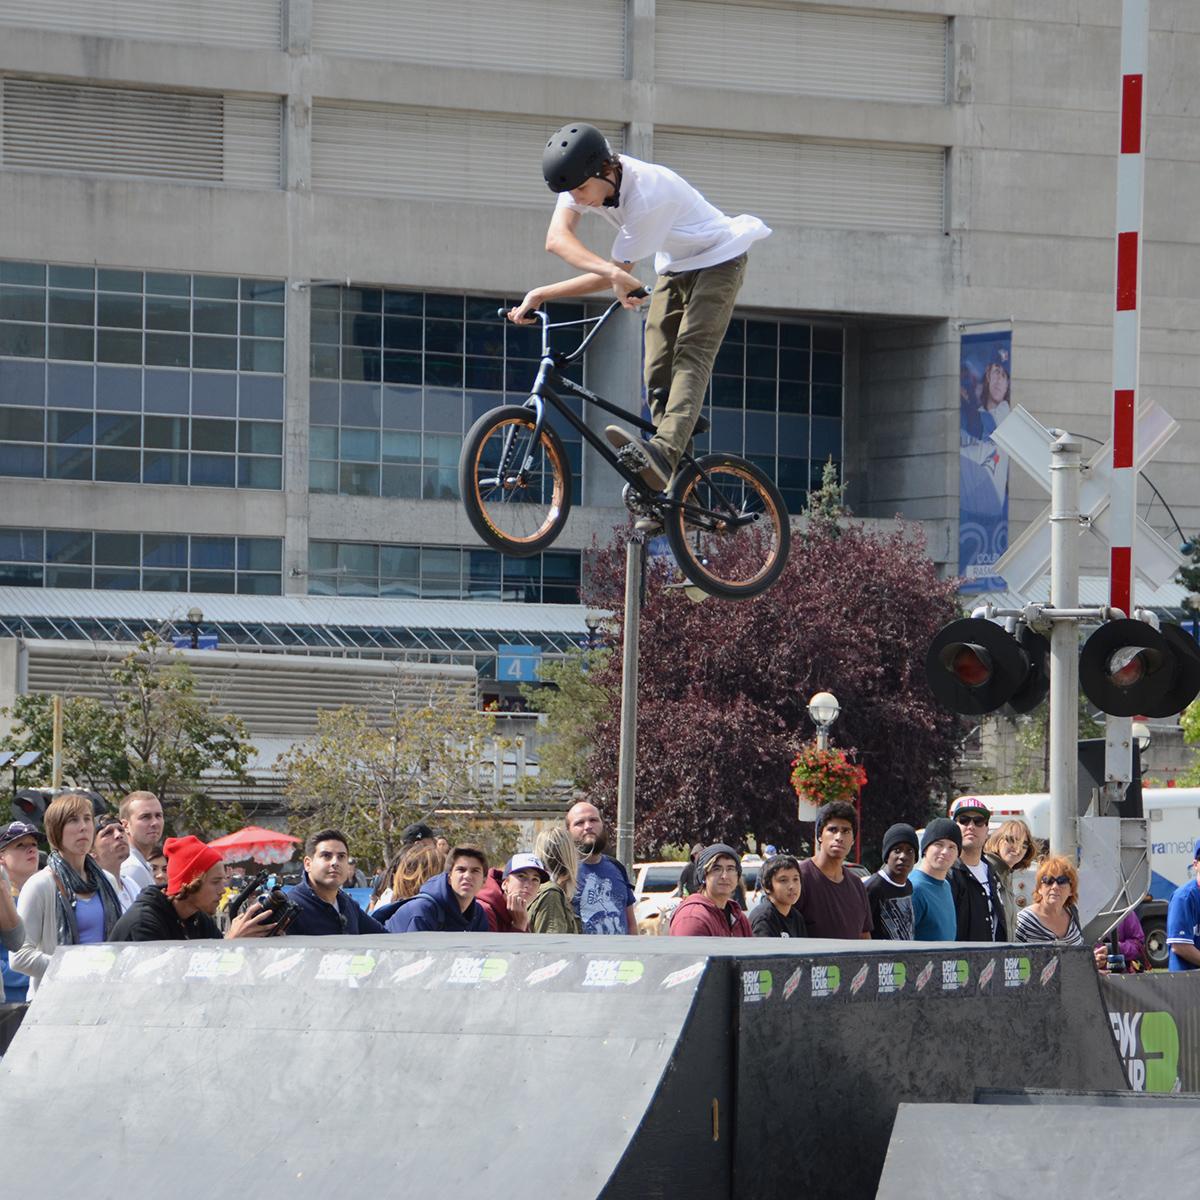 Matt Weatherall Cross-up at BMX Dew Tour Am Series in Toronto